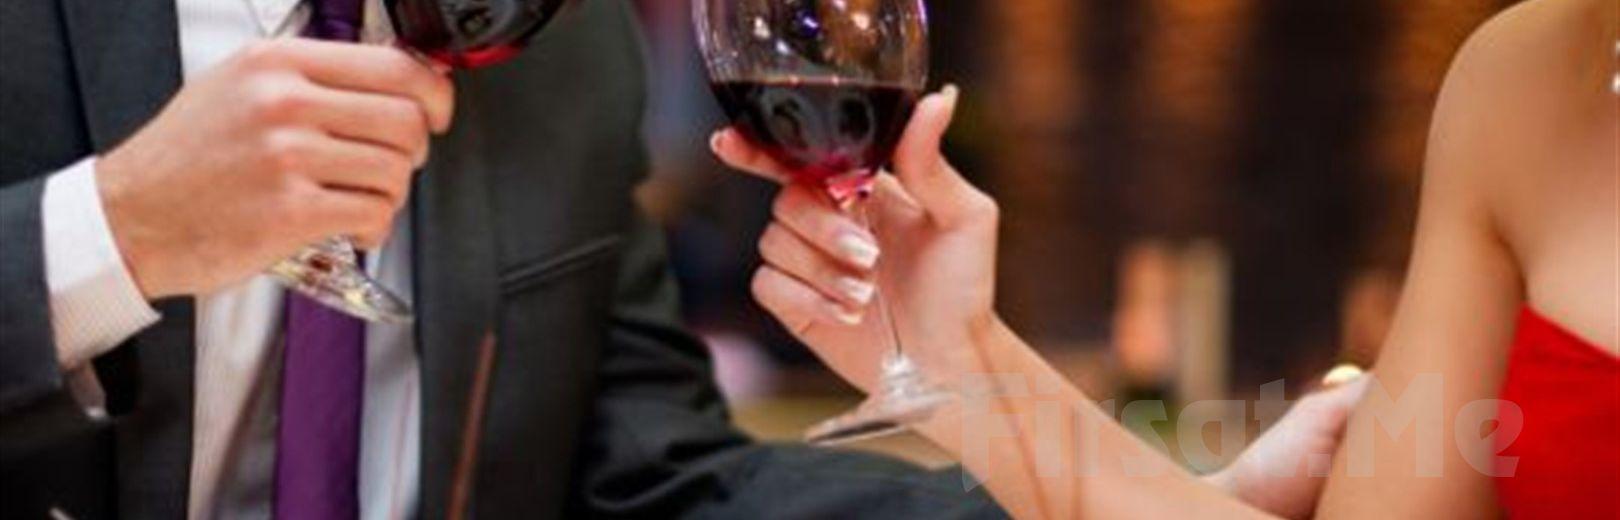 Hayal Kahvesi Emaar'da 14 Şubat'ta 'Paul Dwyer' Eşliğinde Sevgililer Günü Yemeği ve Konser Bileti